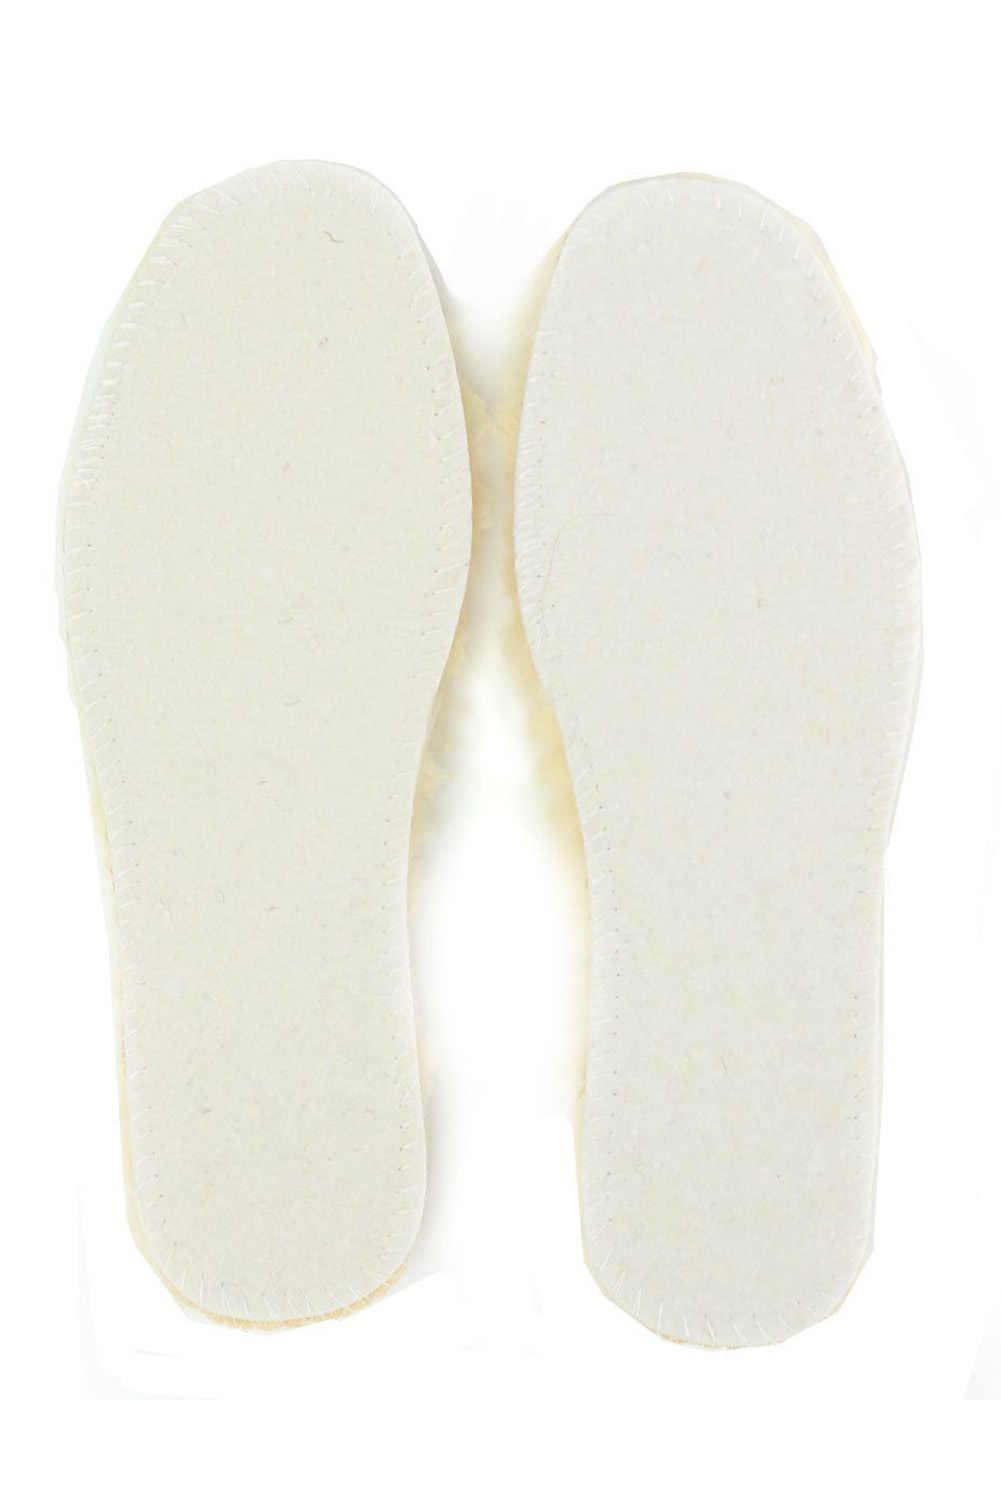 ABDB erkekler kadınlar tabanlık pedleri değiştirme kışlık botlar yağmur botları